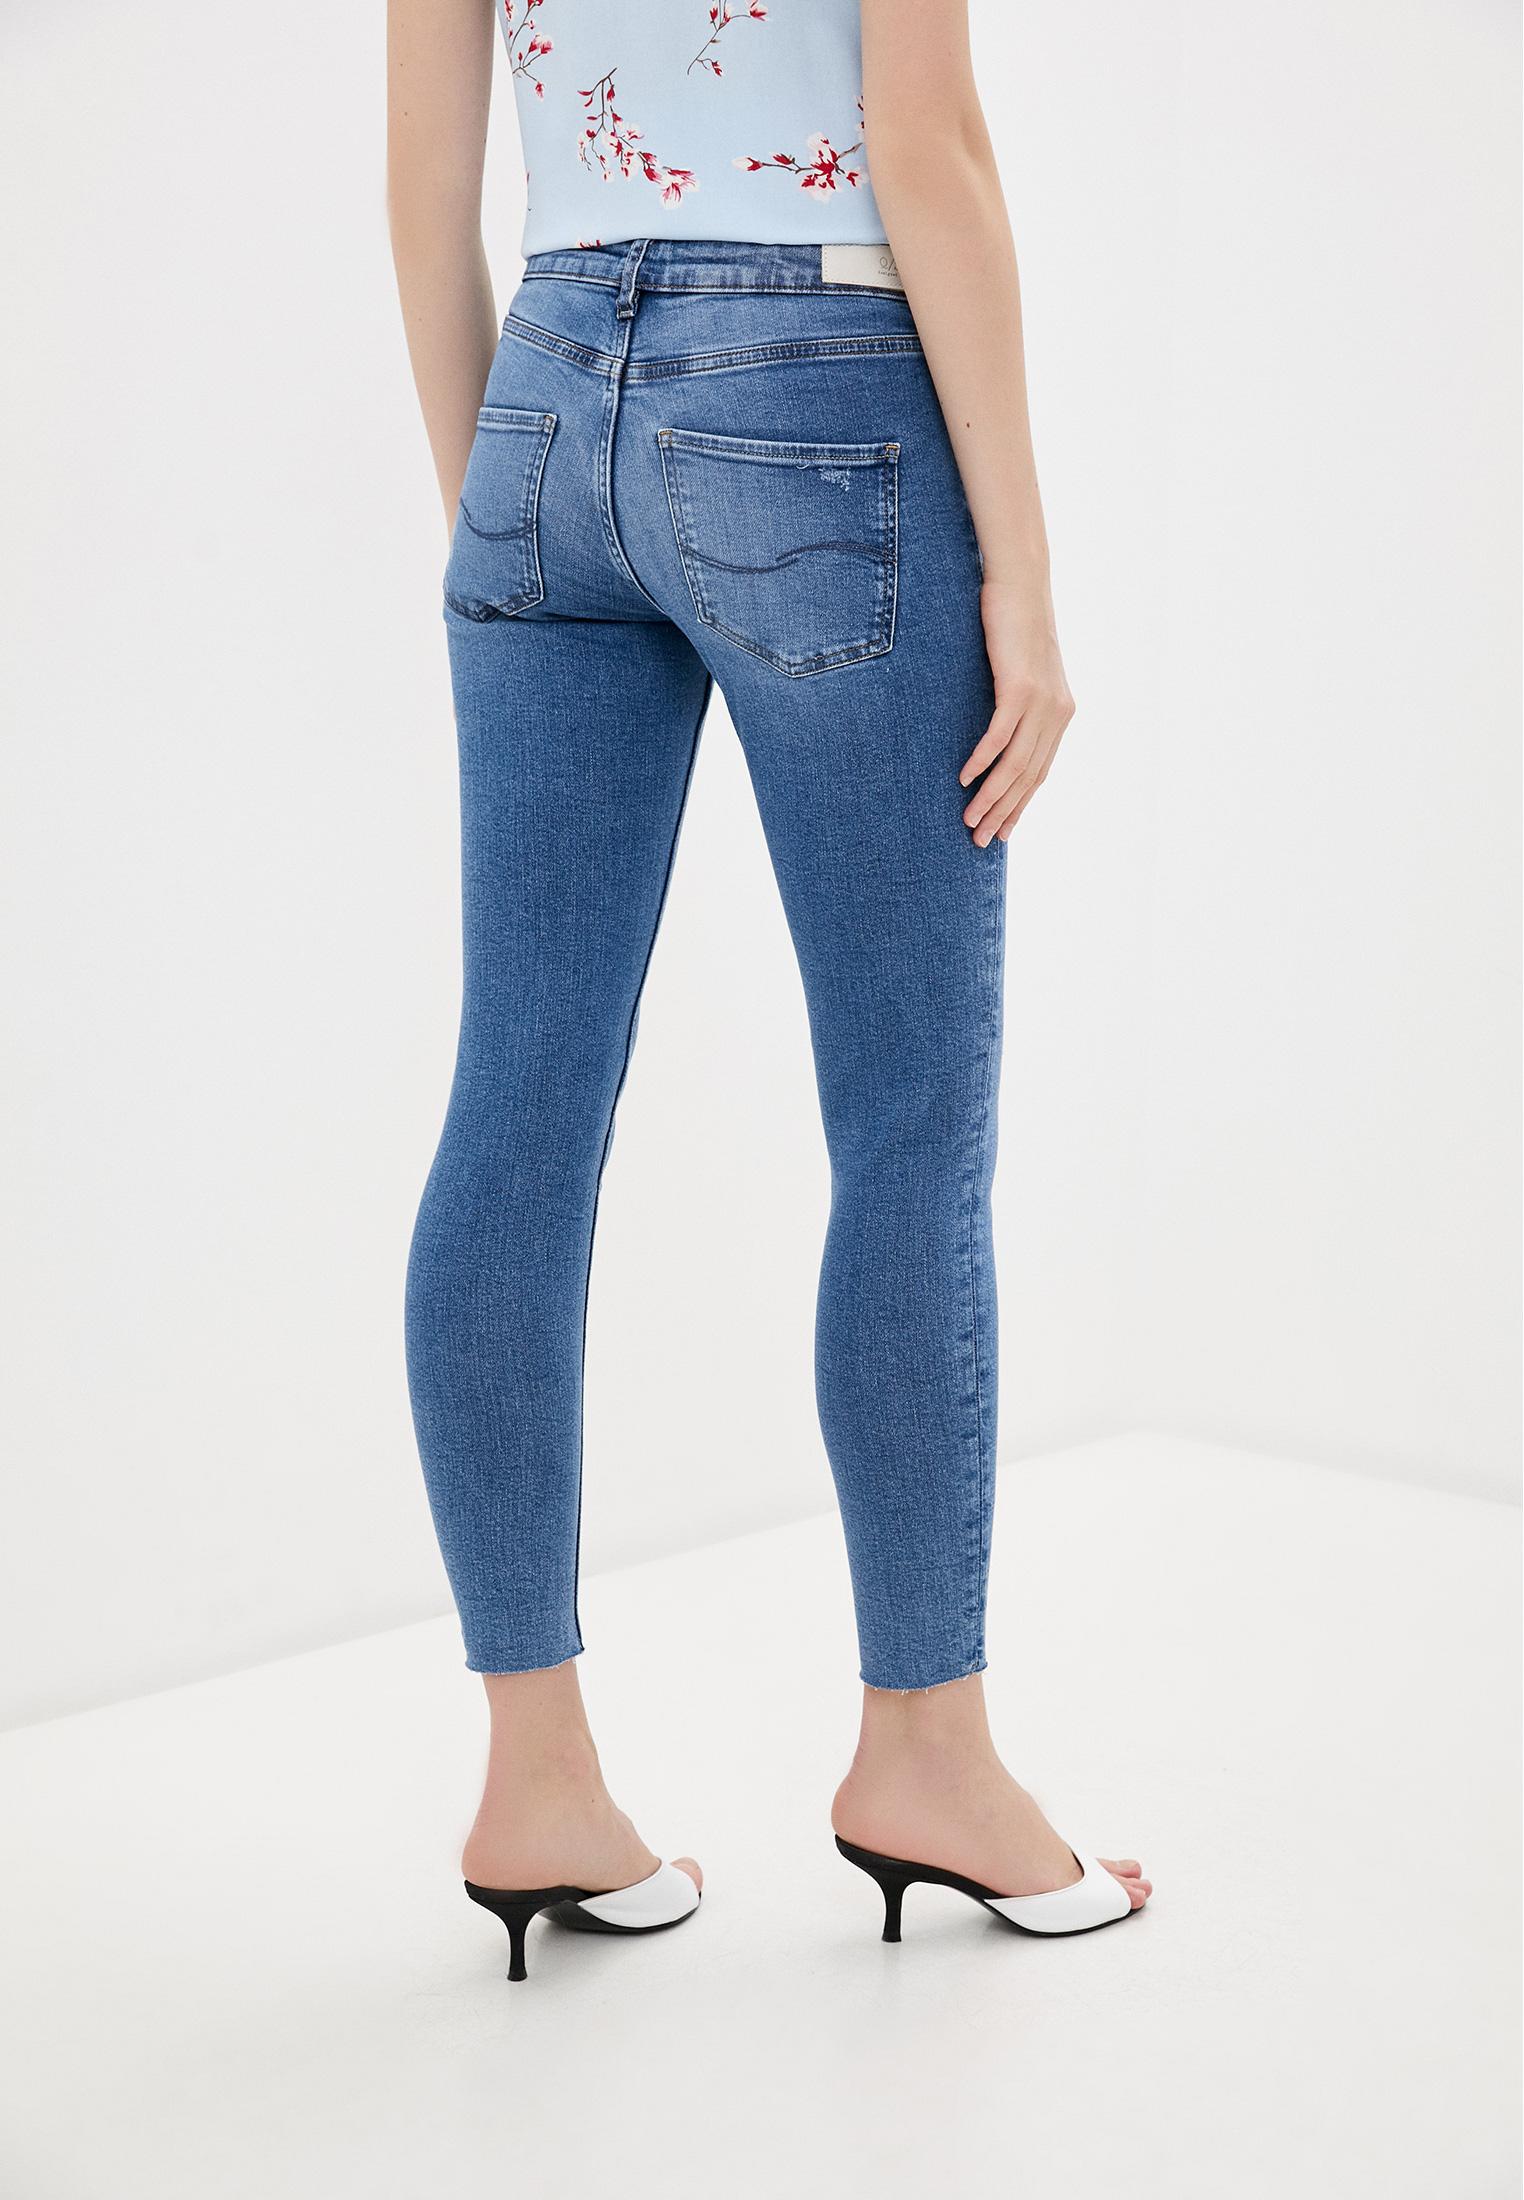 Зауженные джинсы Q/S designed by 510.10.003.26.180.2006098: изображение 3